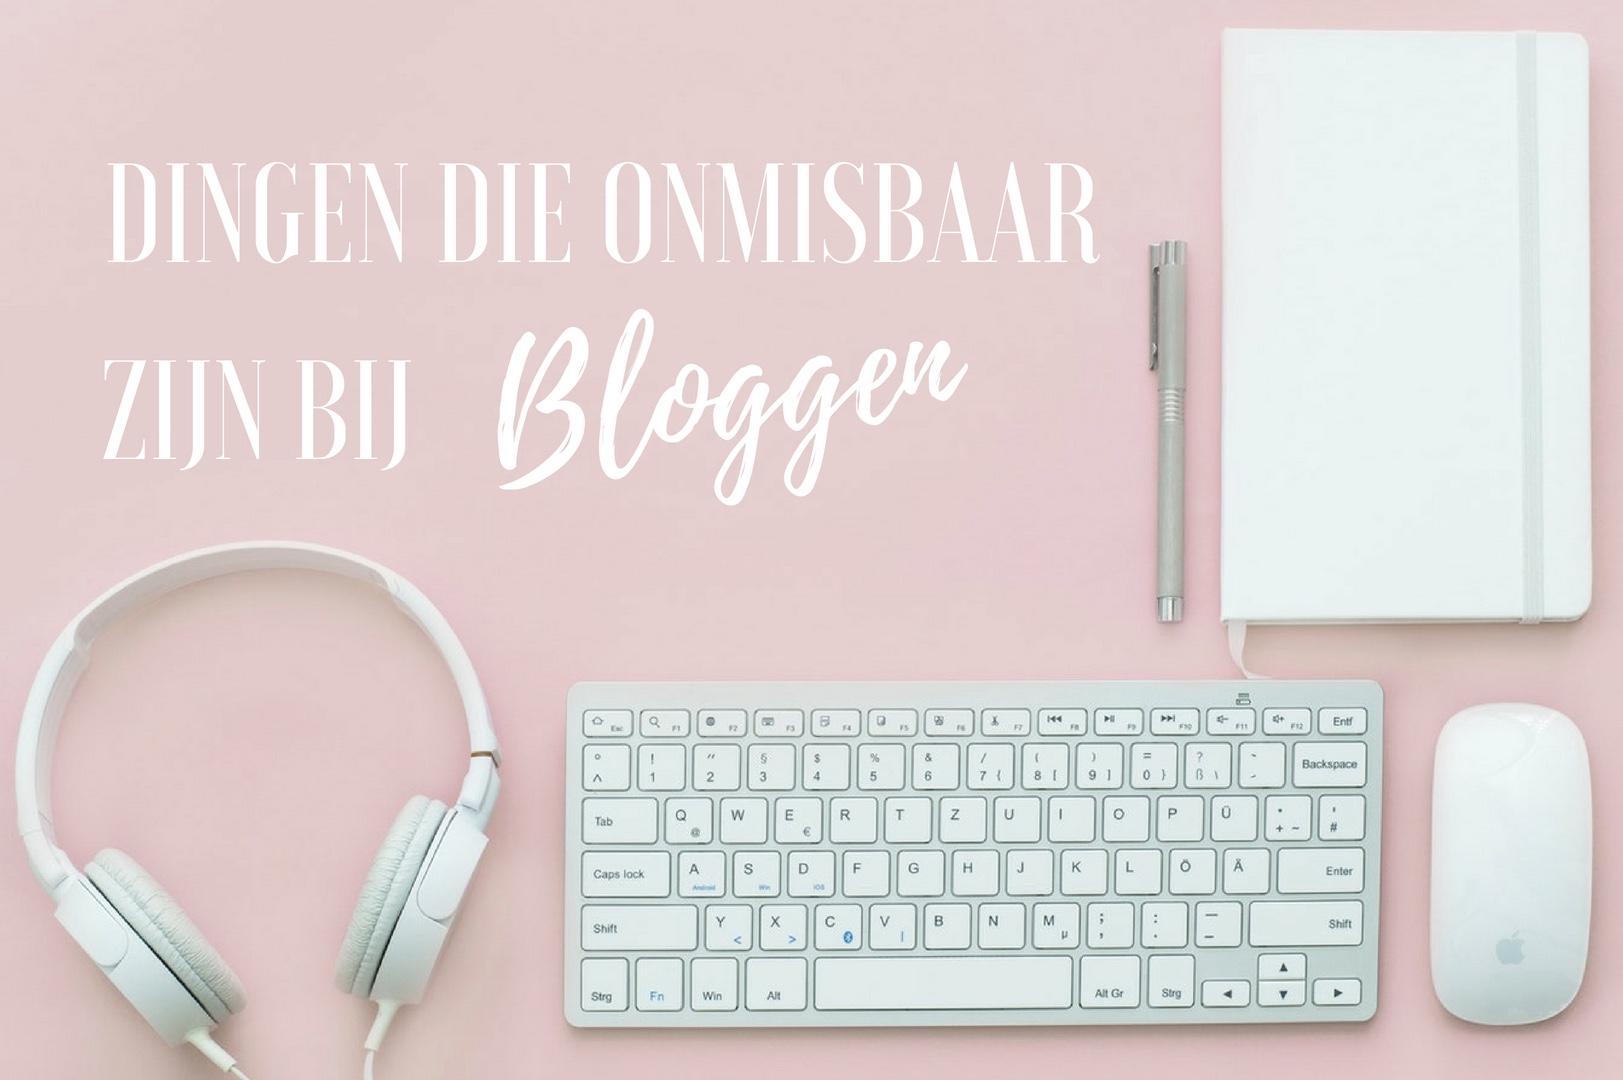 dingen die onmisbaar zijn bij bloggen